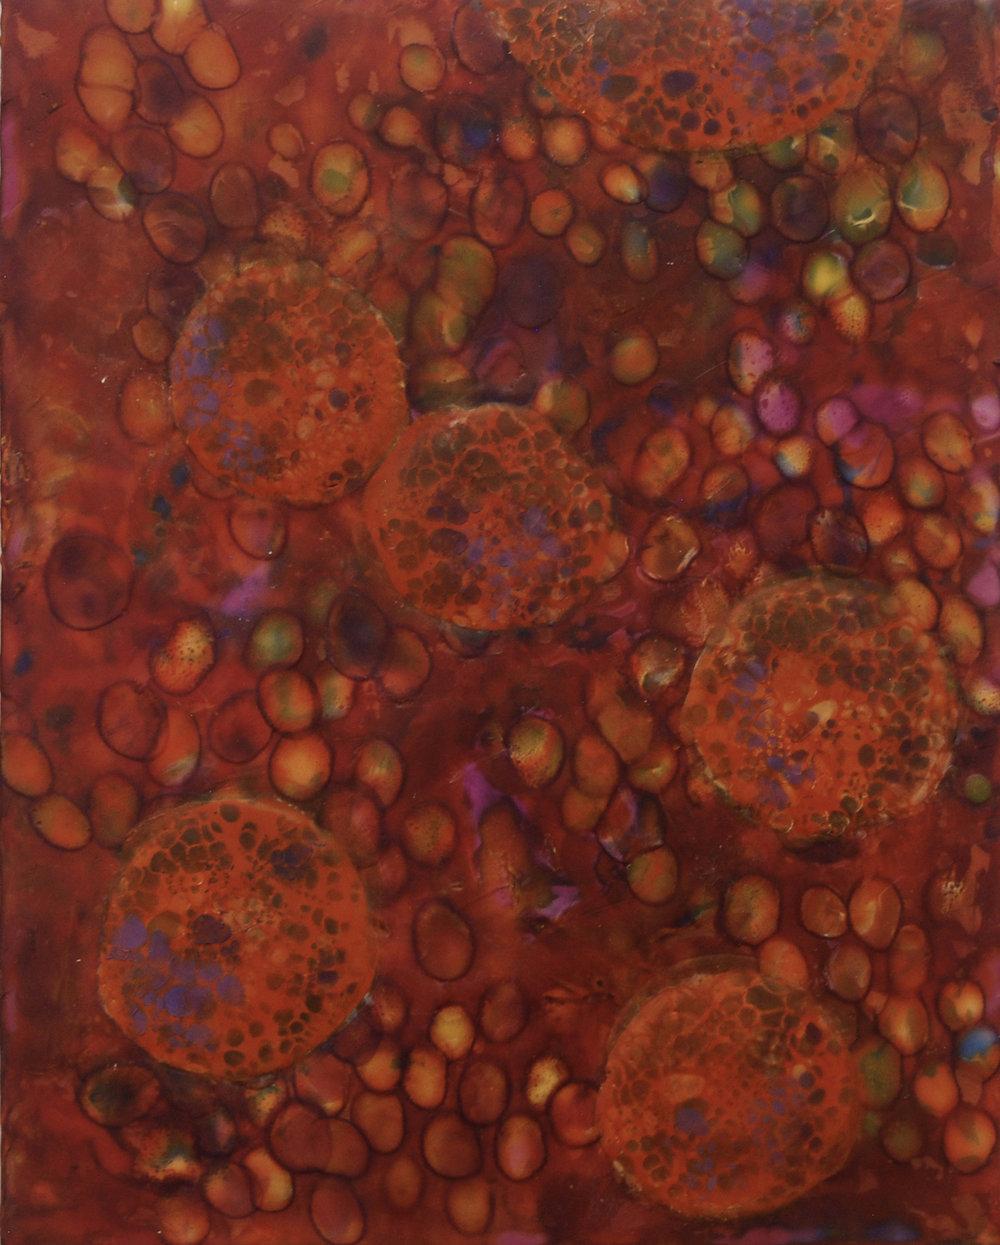 K. Hartung,  Bio Layers 3 , encaustic and mixed media, 16x20, $1,000